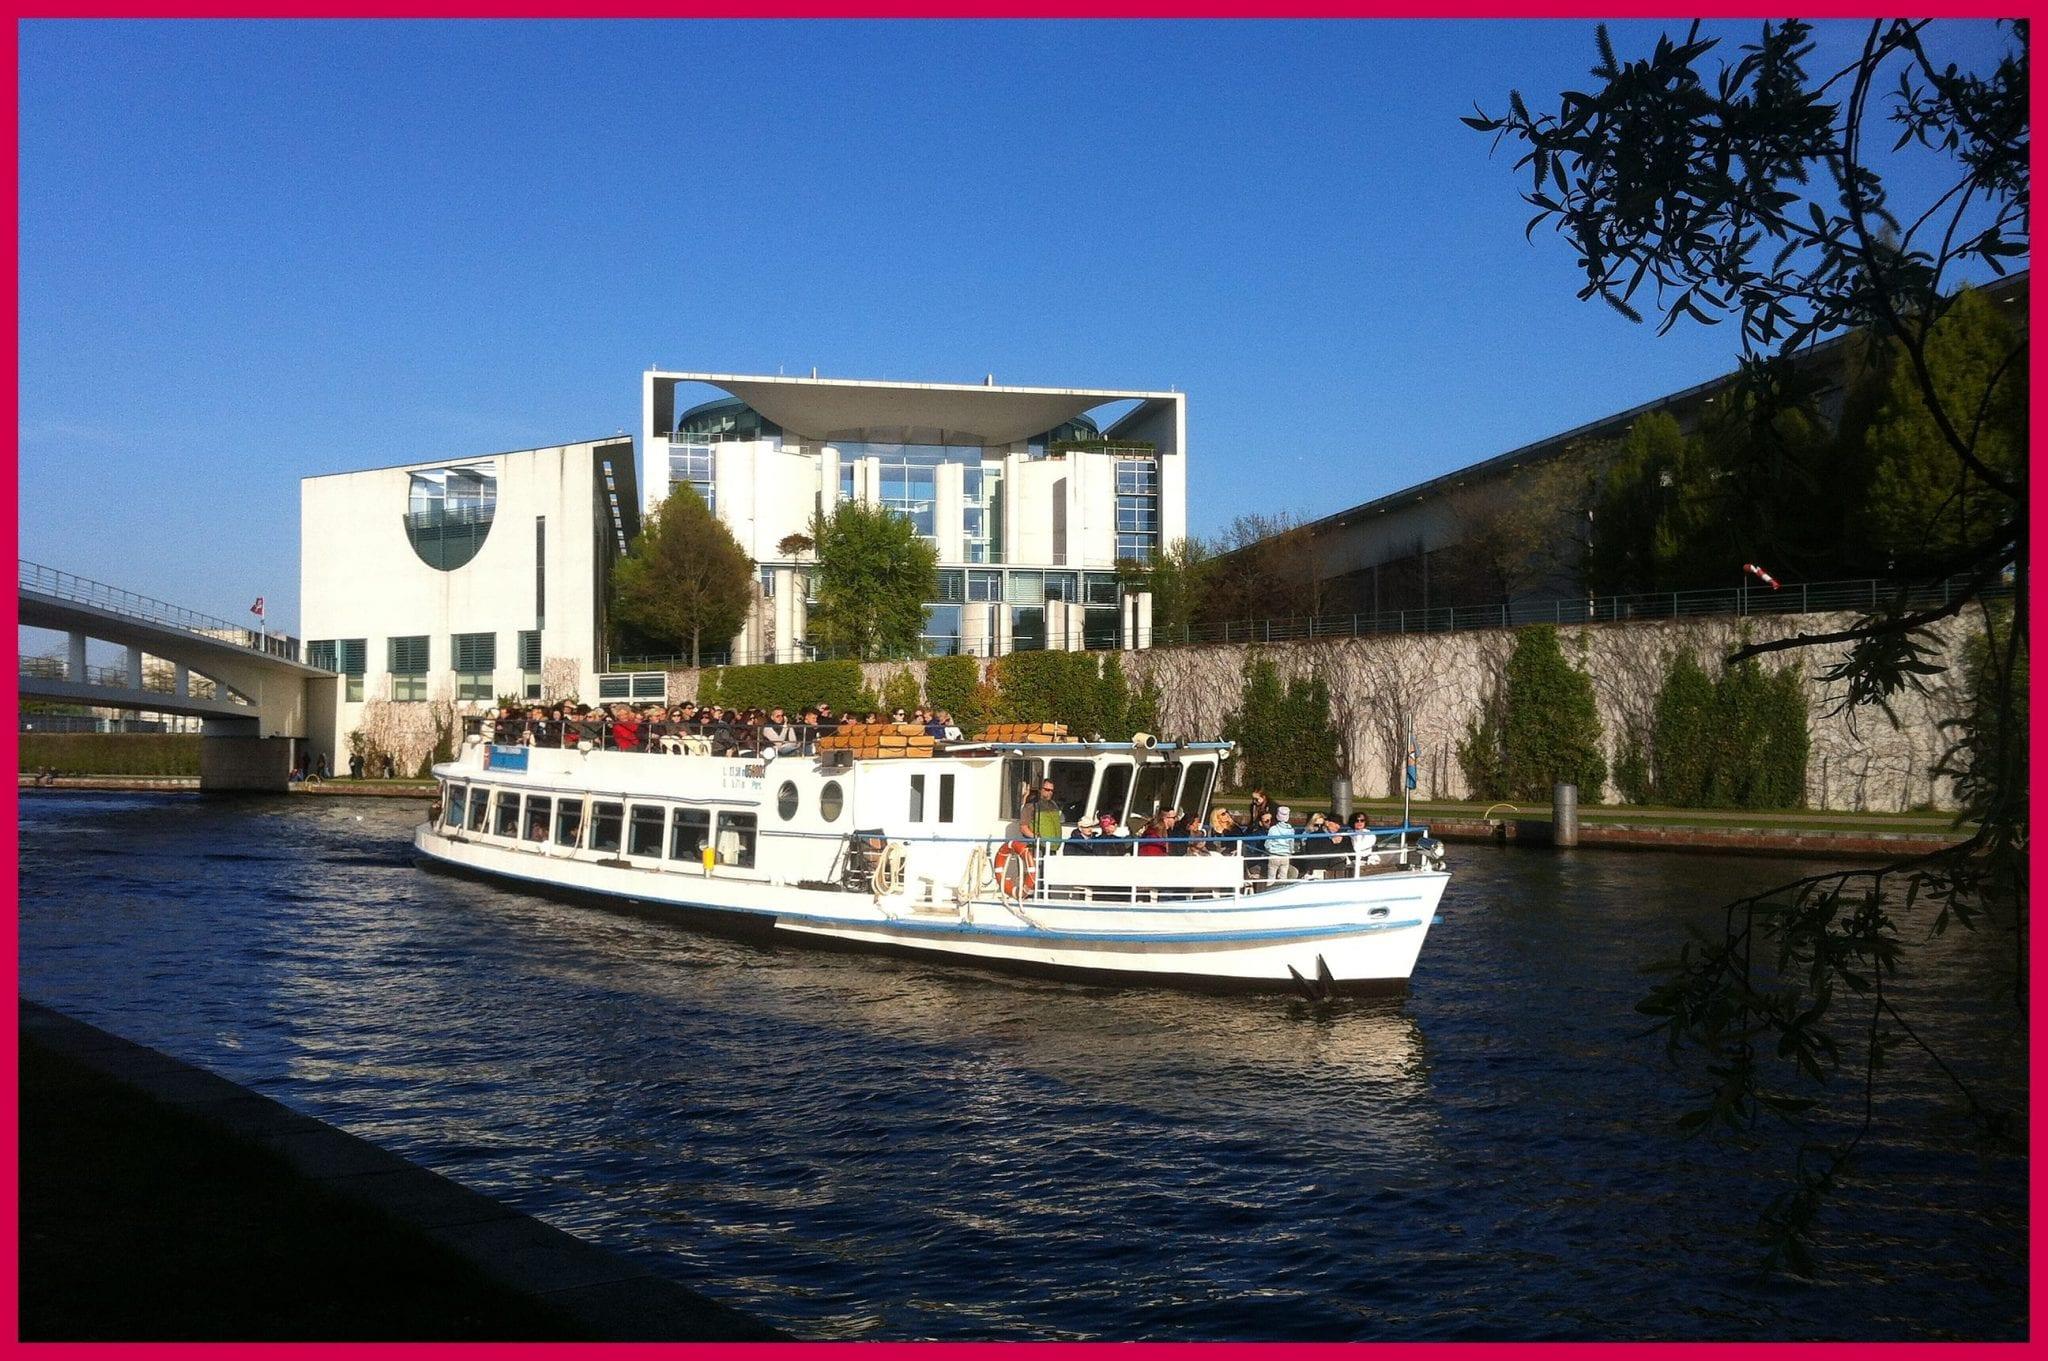 kleine Brückenfahrt Berlin mit Bundeskanzleramt